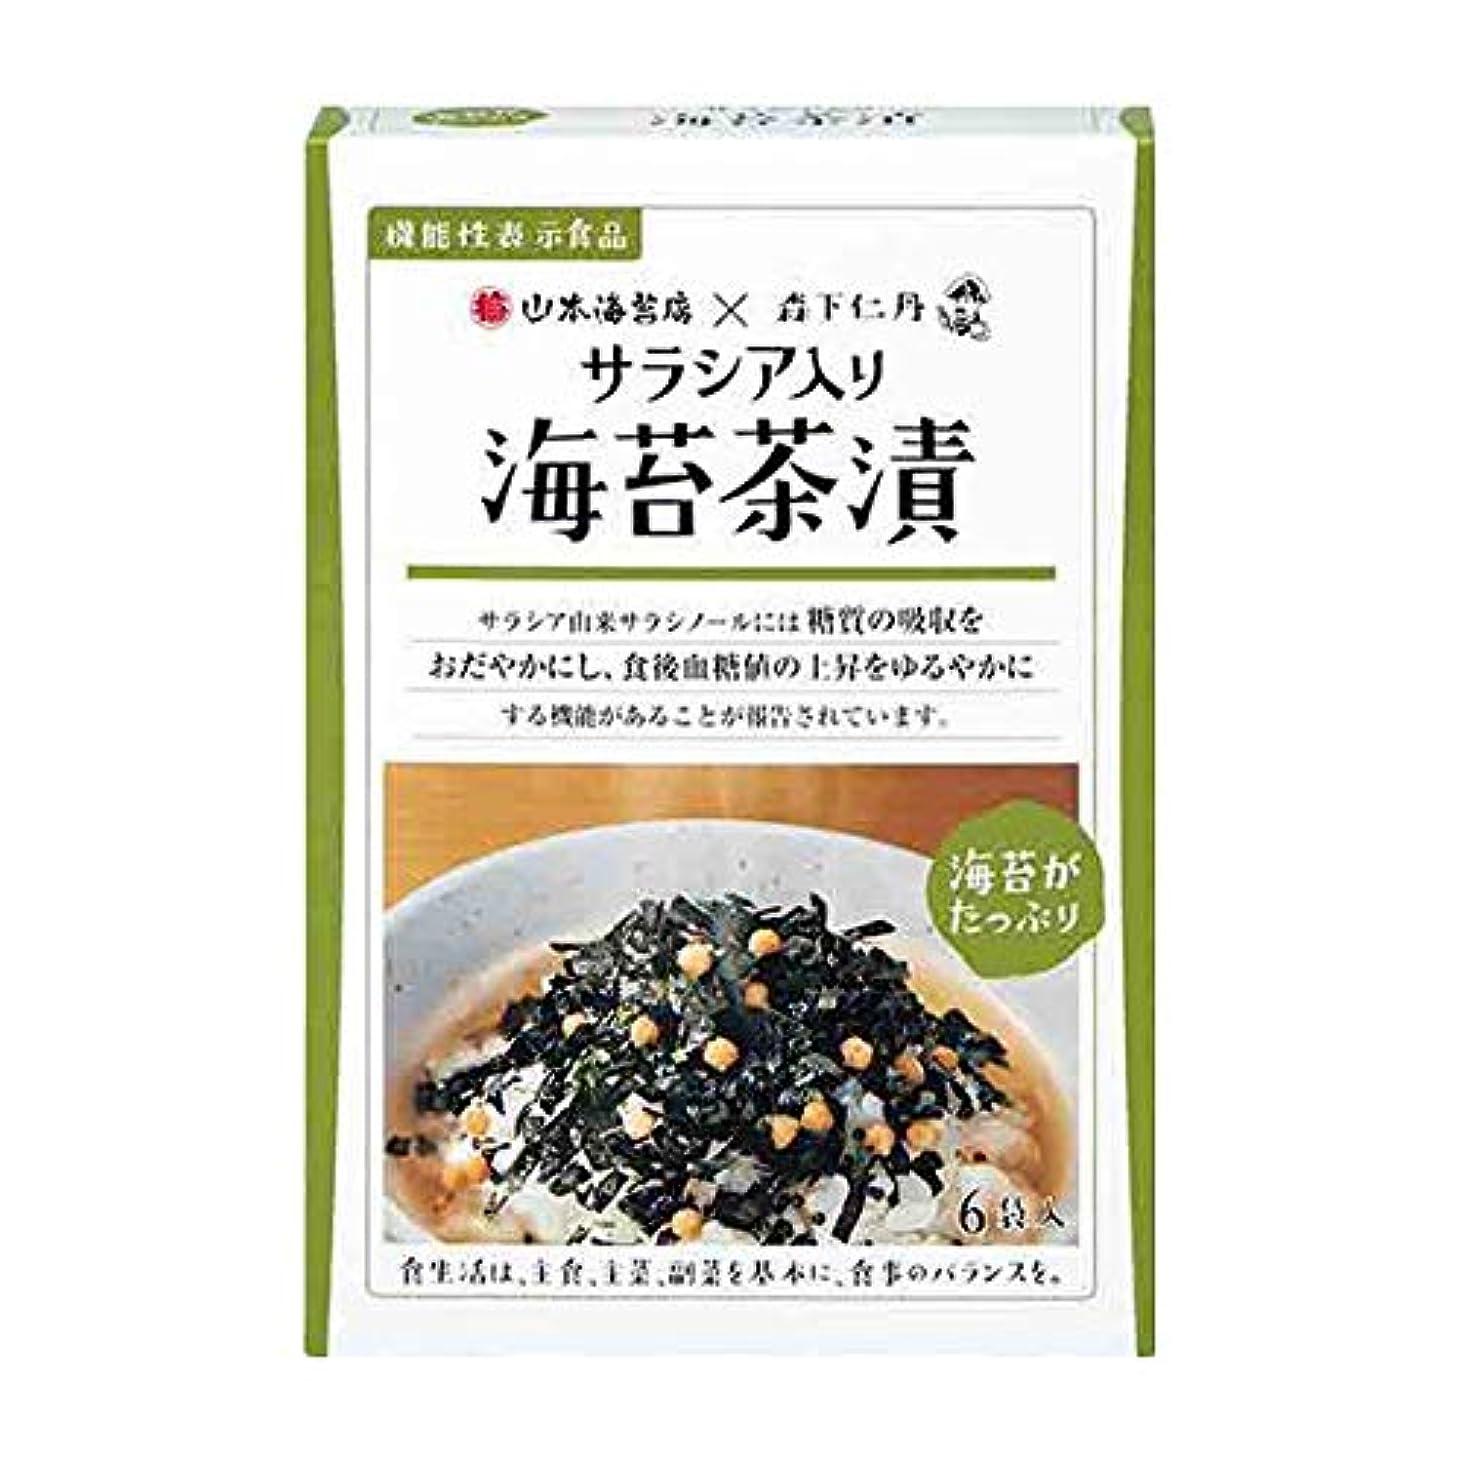 アボートジャーナリストモットー森下仁丹 海苔茶漬 サラシア入り (6.2g×6袋) [機能性表示食品]